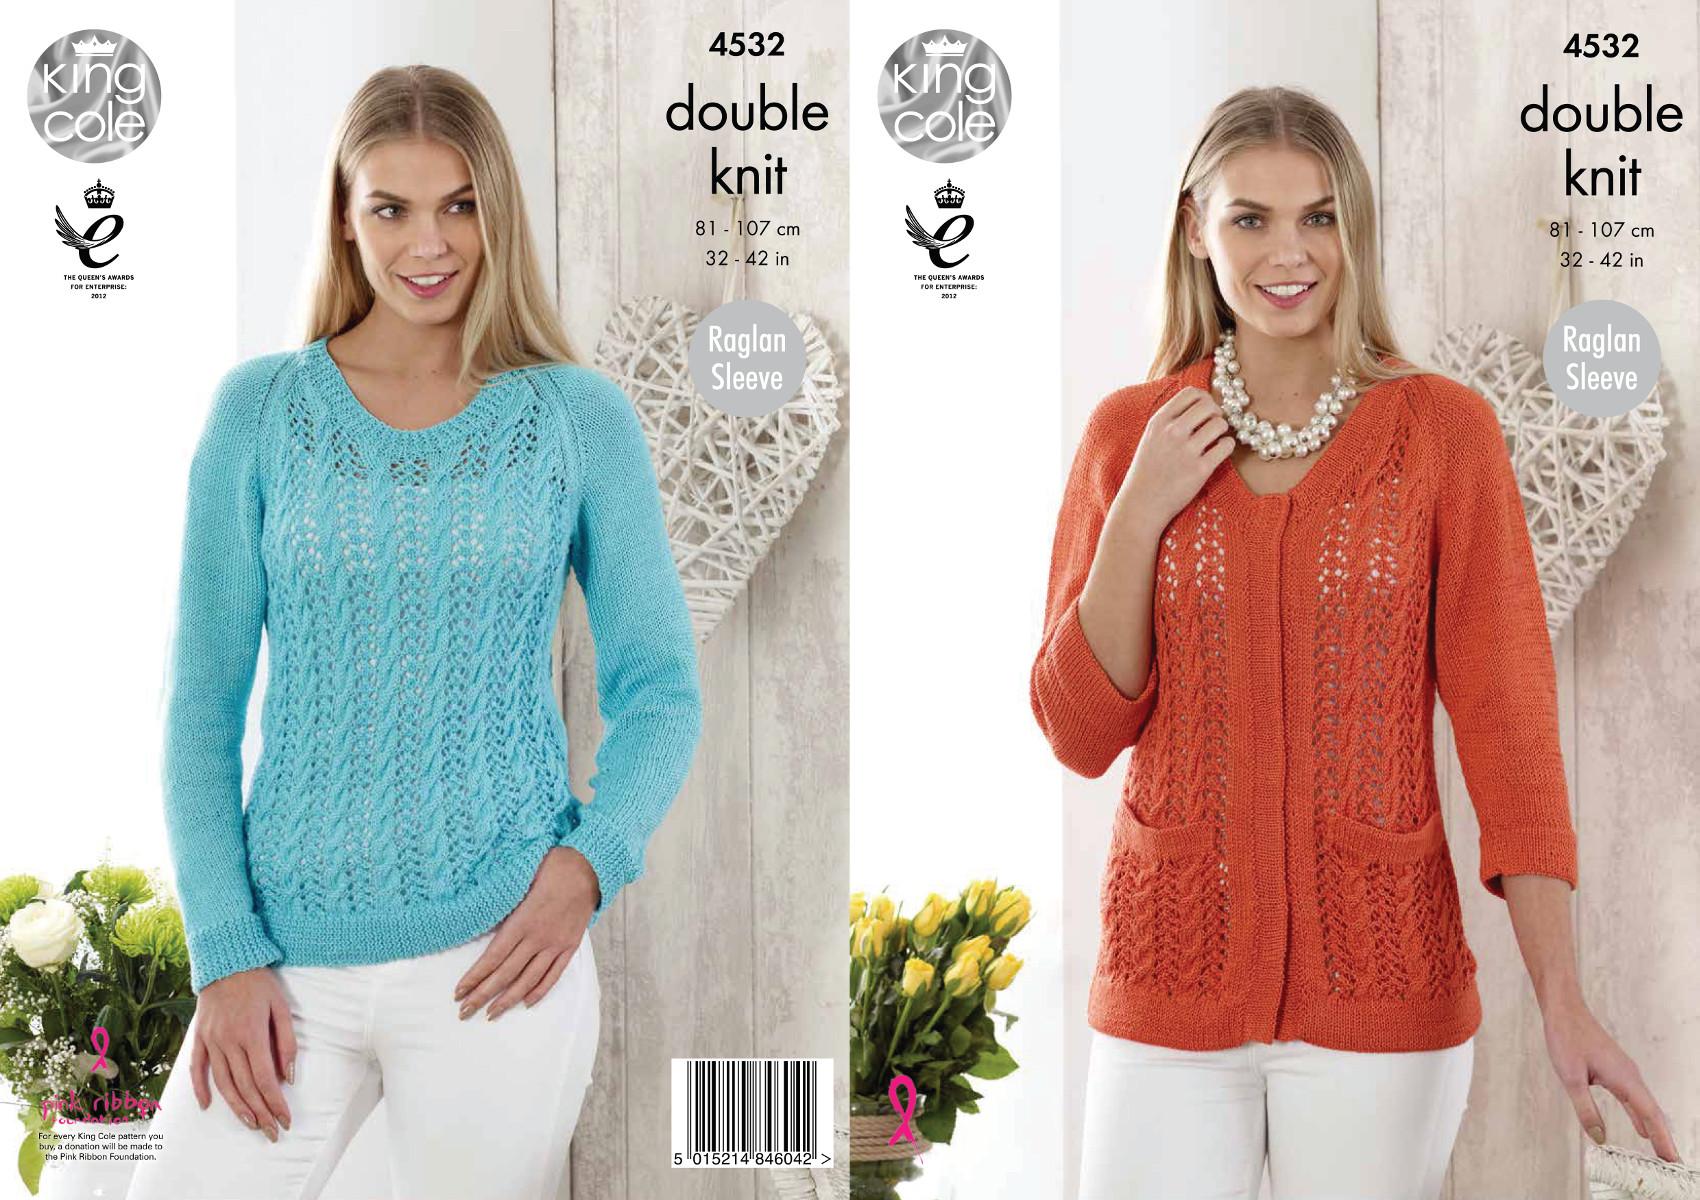 Ladies Raglan Jumper Knitting Pattern : Ladies Raglan Sleeve Lace Cardigan & Jumper Double Knitting Pattern Giza ...